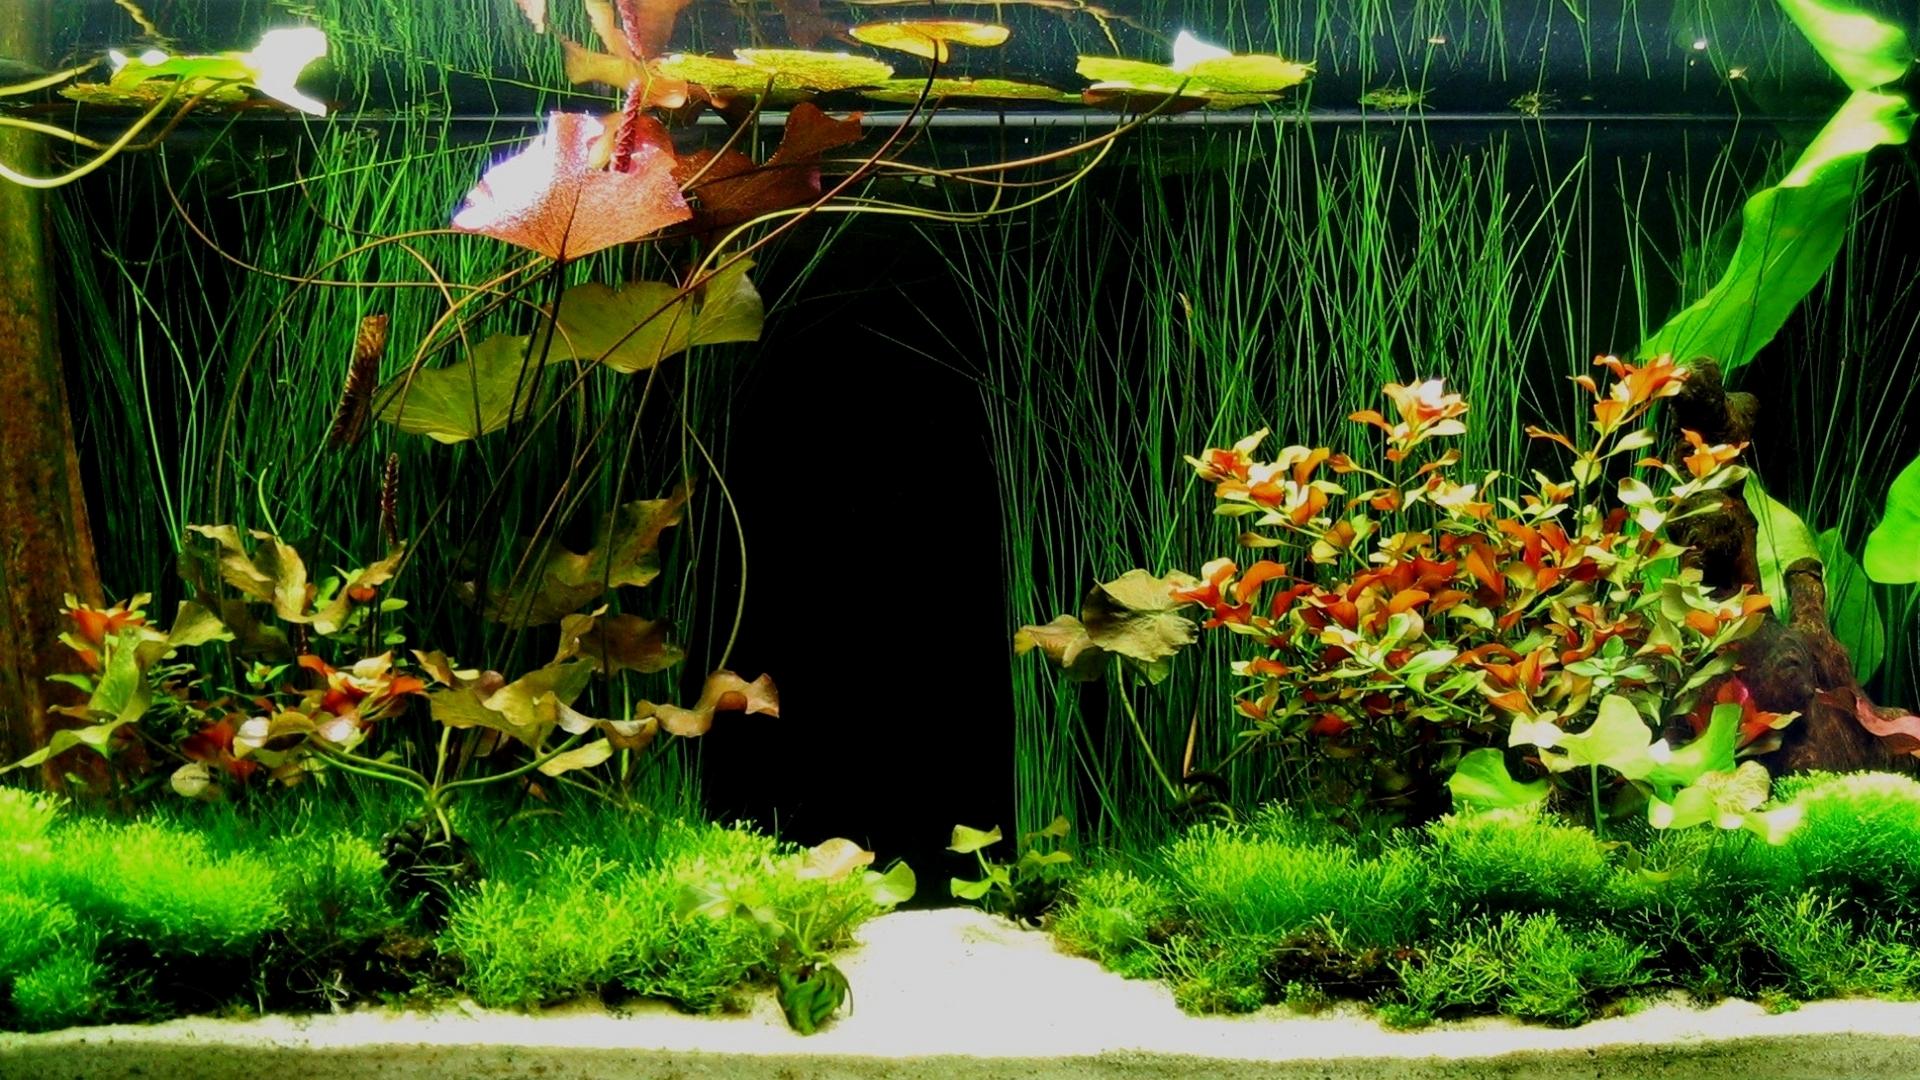 Aquarium 3D Backgrounds Download HD Wallpapers 1920x1080